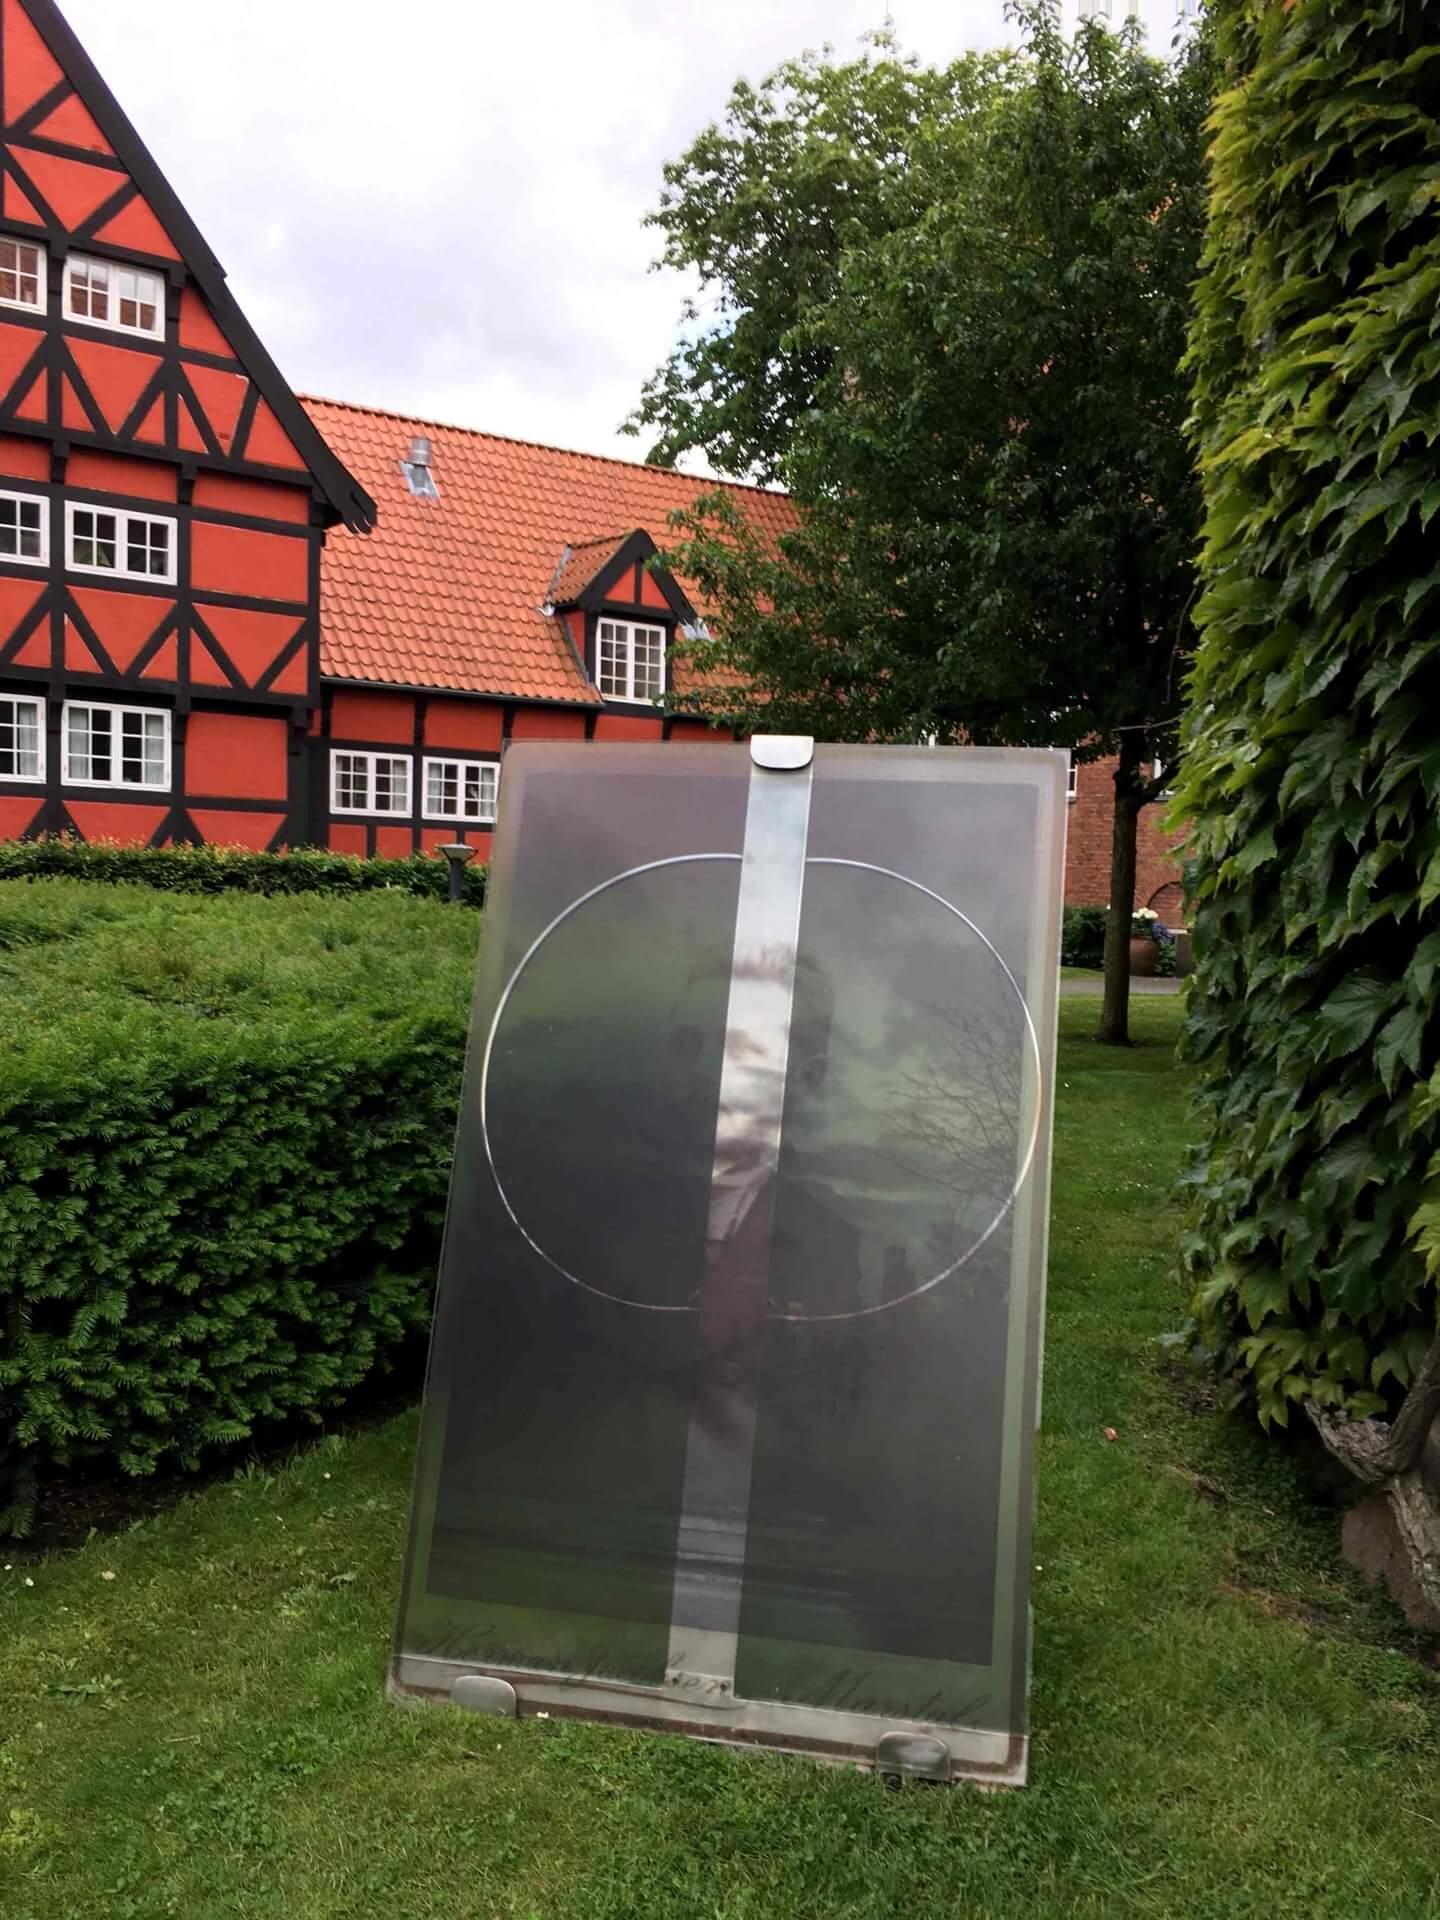 Vi drog ud, Udvandrerarkivet, Malene Nors Tardrup (2018)